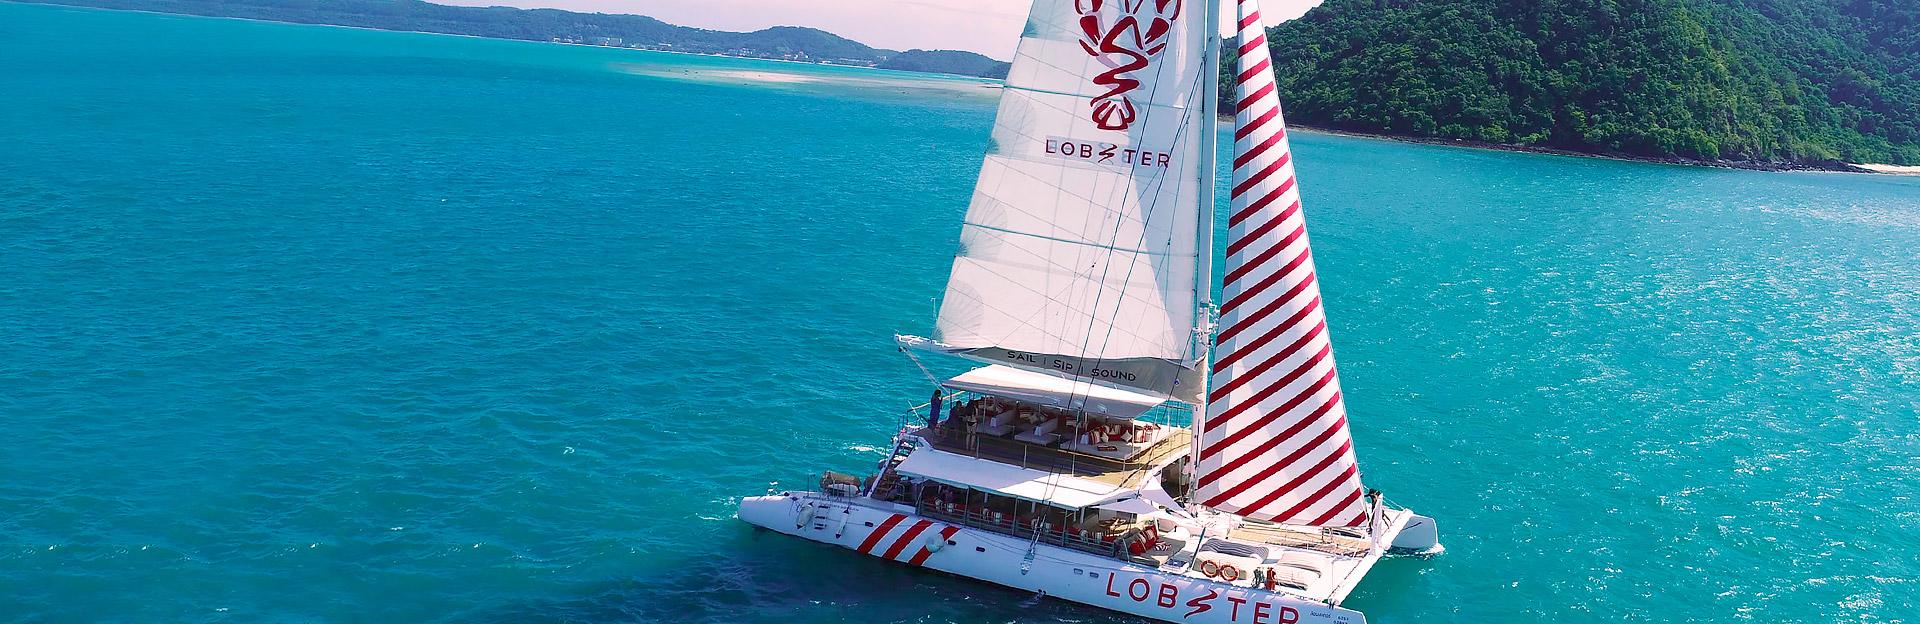 Lobster - Sail - Sip - Sound